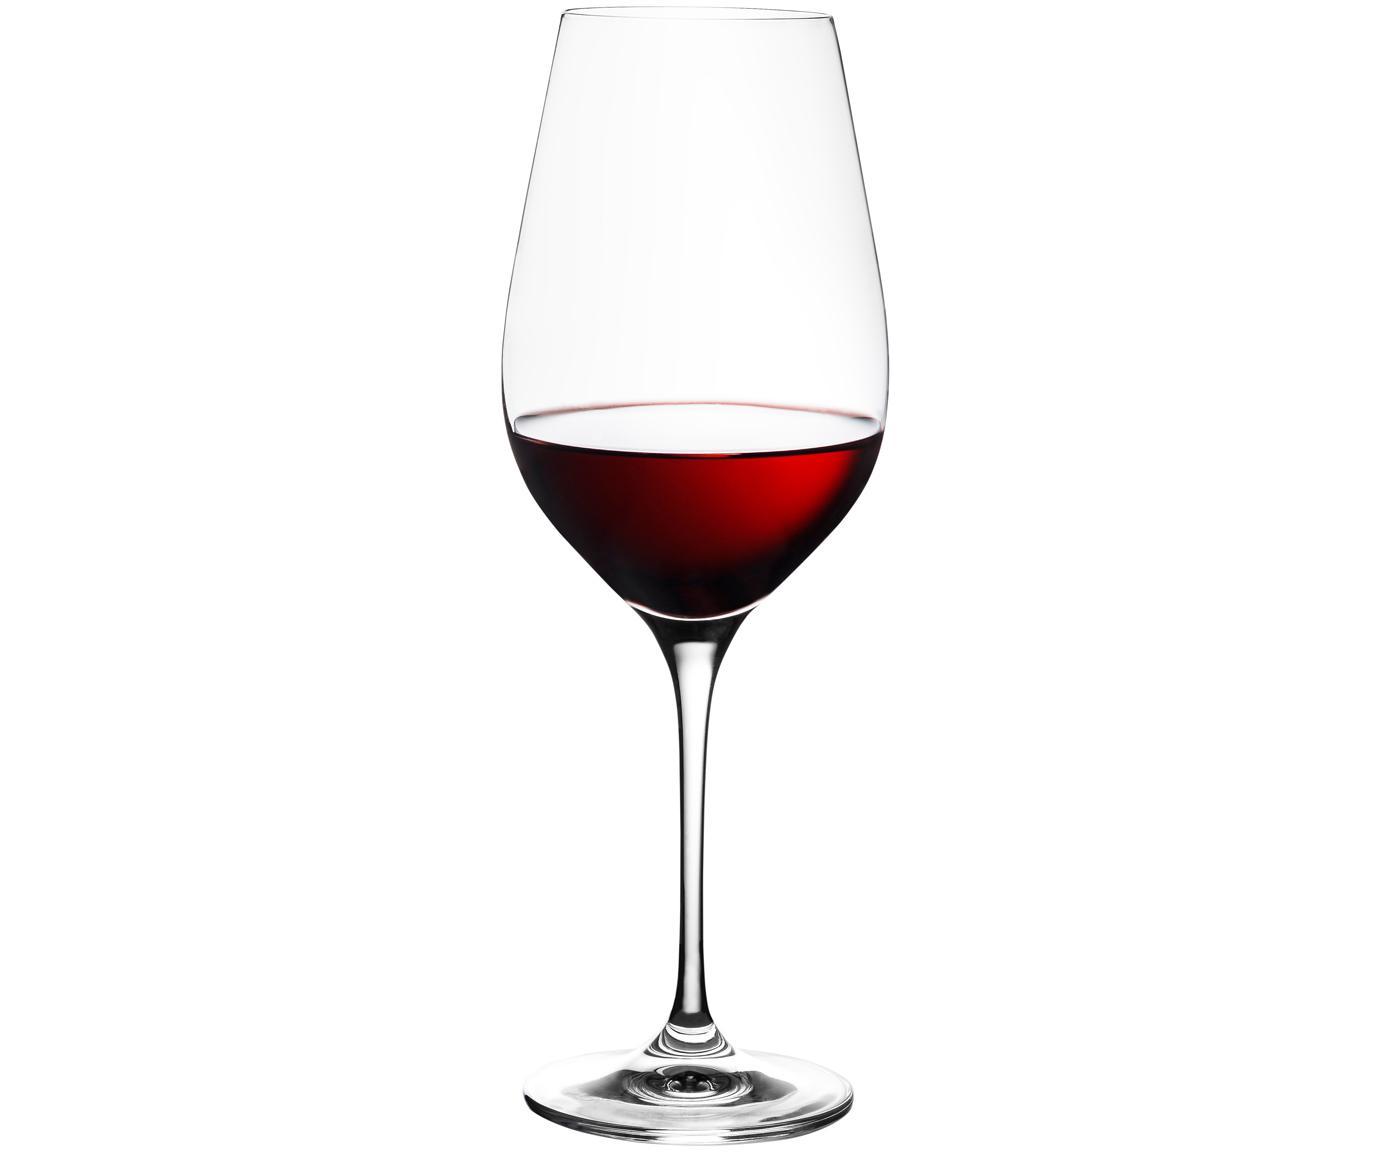 Kryształowy kieliszek do czerwonego wina Harmony, 6 szt., Szkło kryształowe o najwyższym połysku, szczególnie widocznym poprzez odbijanie światła Magiczny blask sprawia, że każdy łyk wina jest wyjątkowym doznaniem, Transparentny, 490 ml